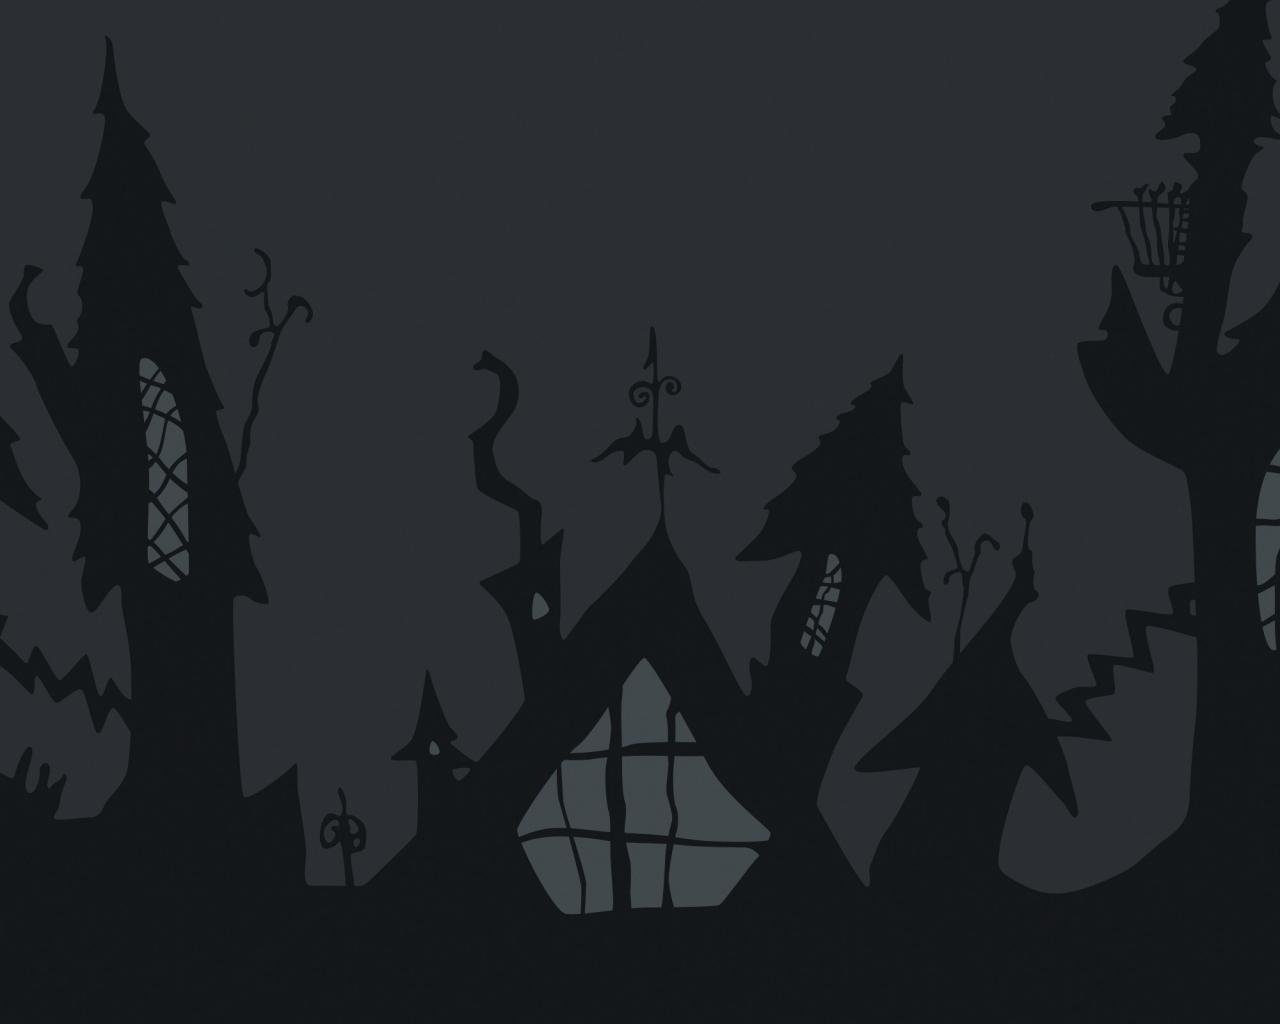 Castillo de noche de brujas - 1280x1024